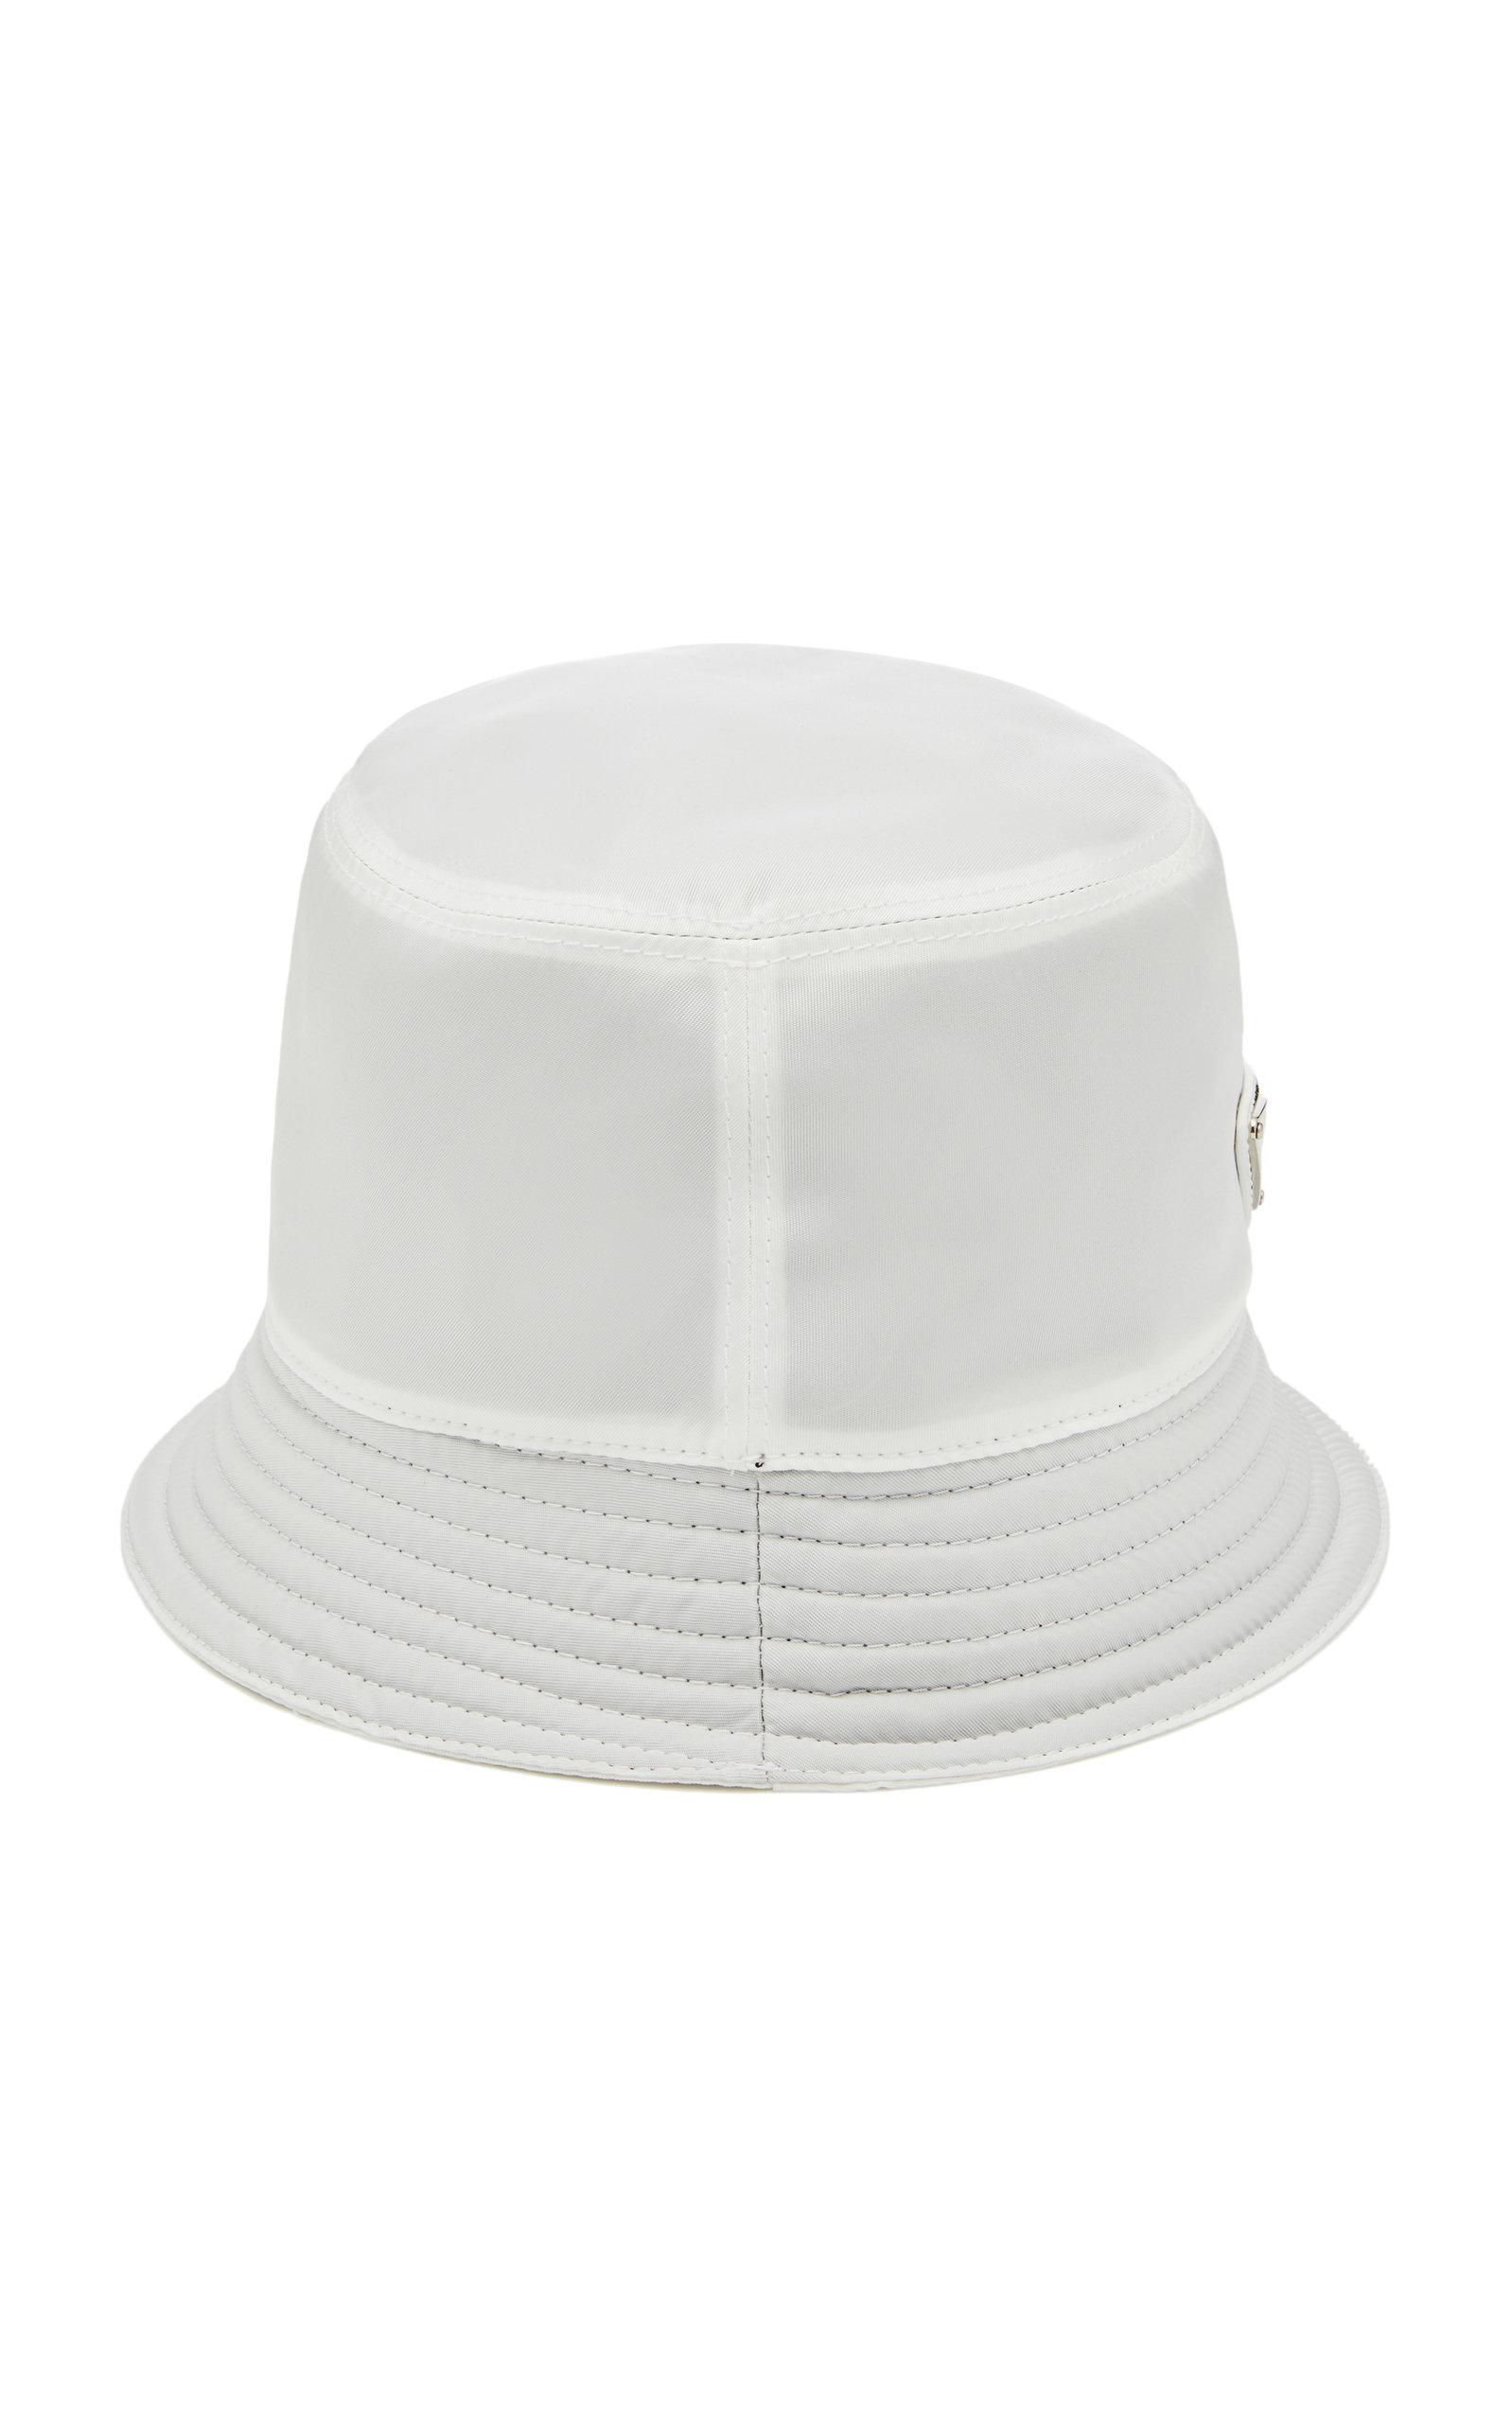 2a82a401 Logo-Appliquéd Nylon Bucket Hat by Prada   Moda Operandi